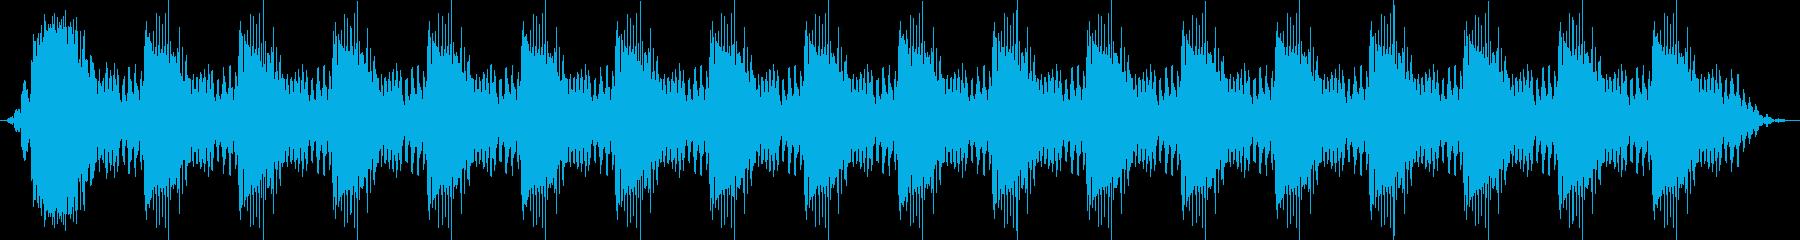 小さなプラスチック製の音響警告アラ...の再生済みの波形